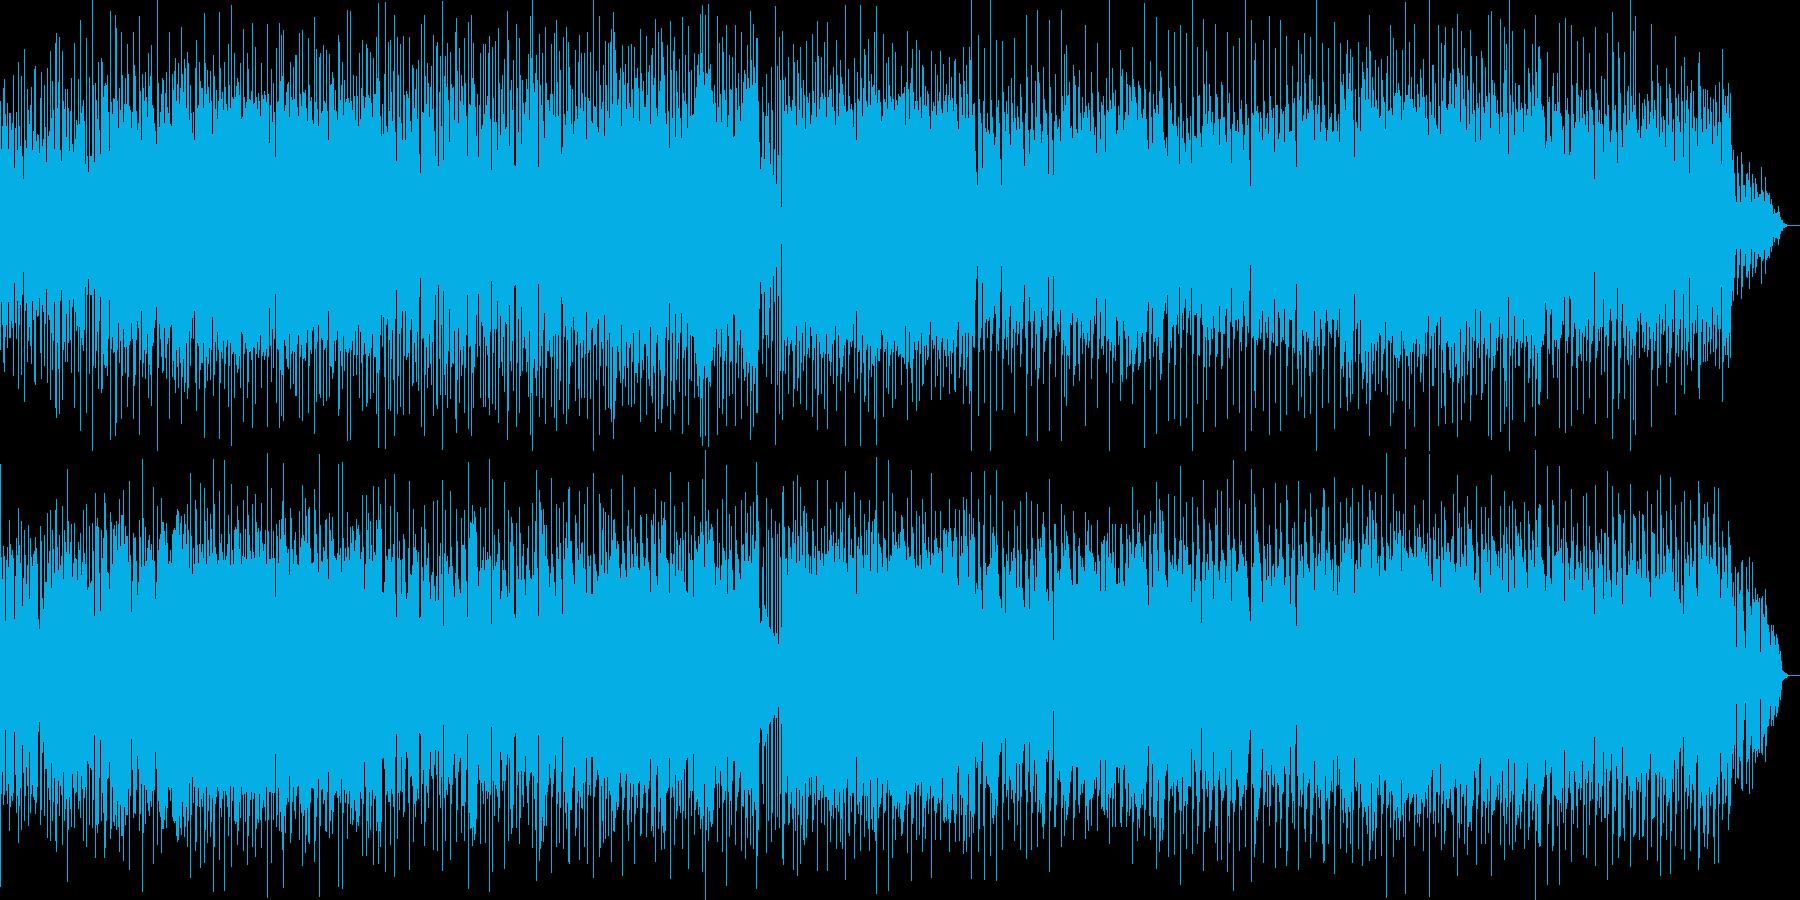 明るく爽やかな弾けた感じの曲の再生済みの波形